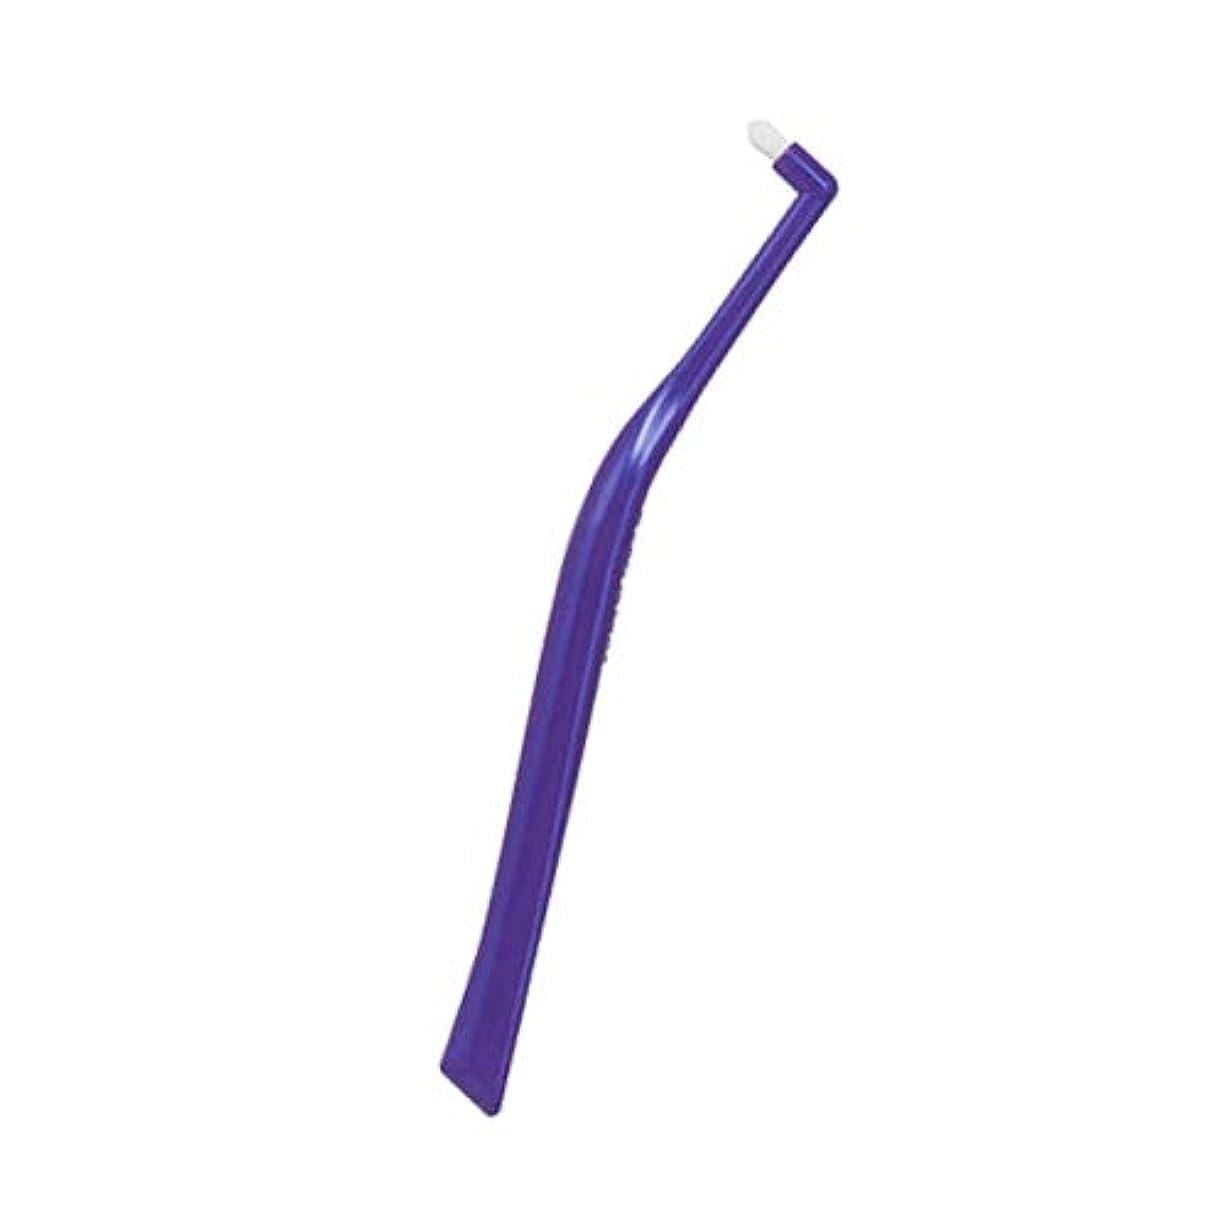 最後のカートンオーラルケア ジャスライ (Just Right) 歯ブラシ × 1本(パープル)ワンタフトブラシ ワンタフト 歯科専用